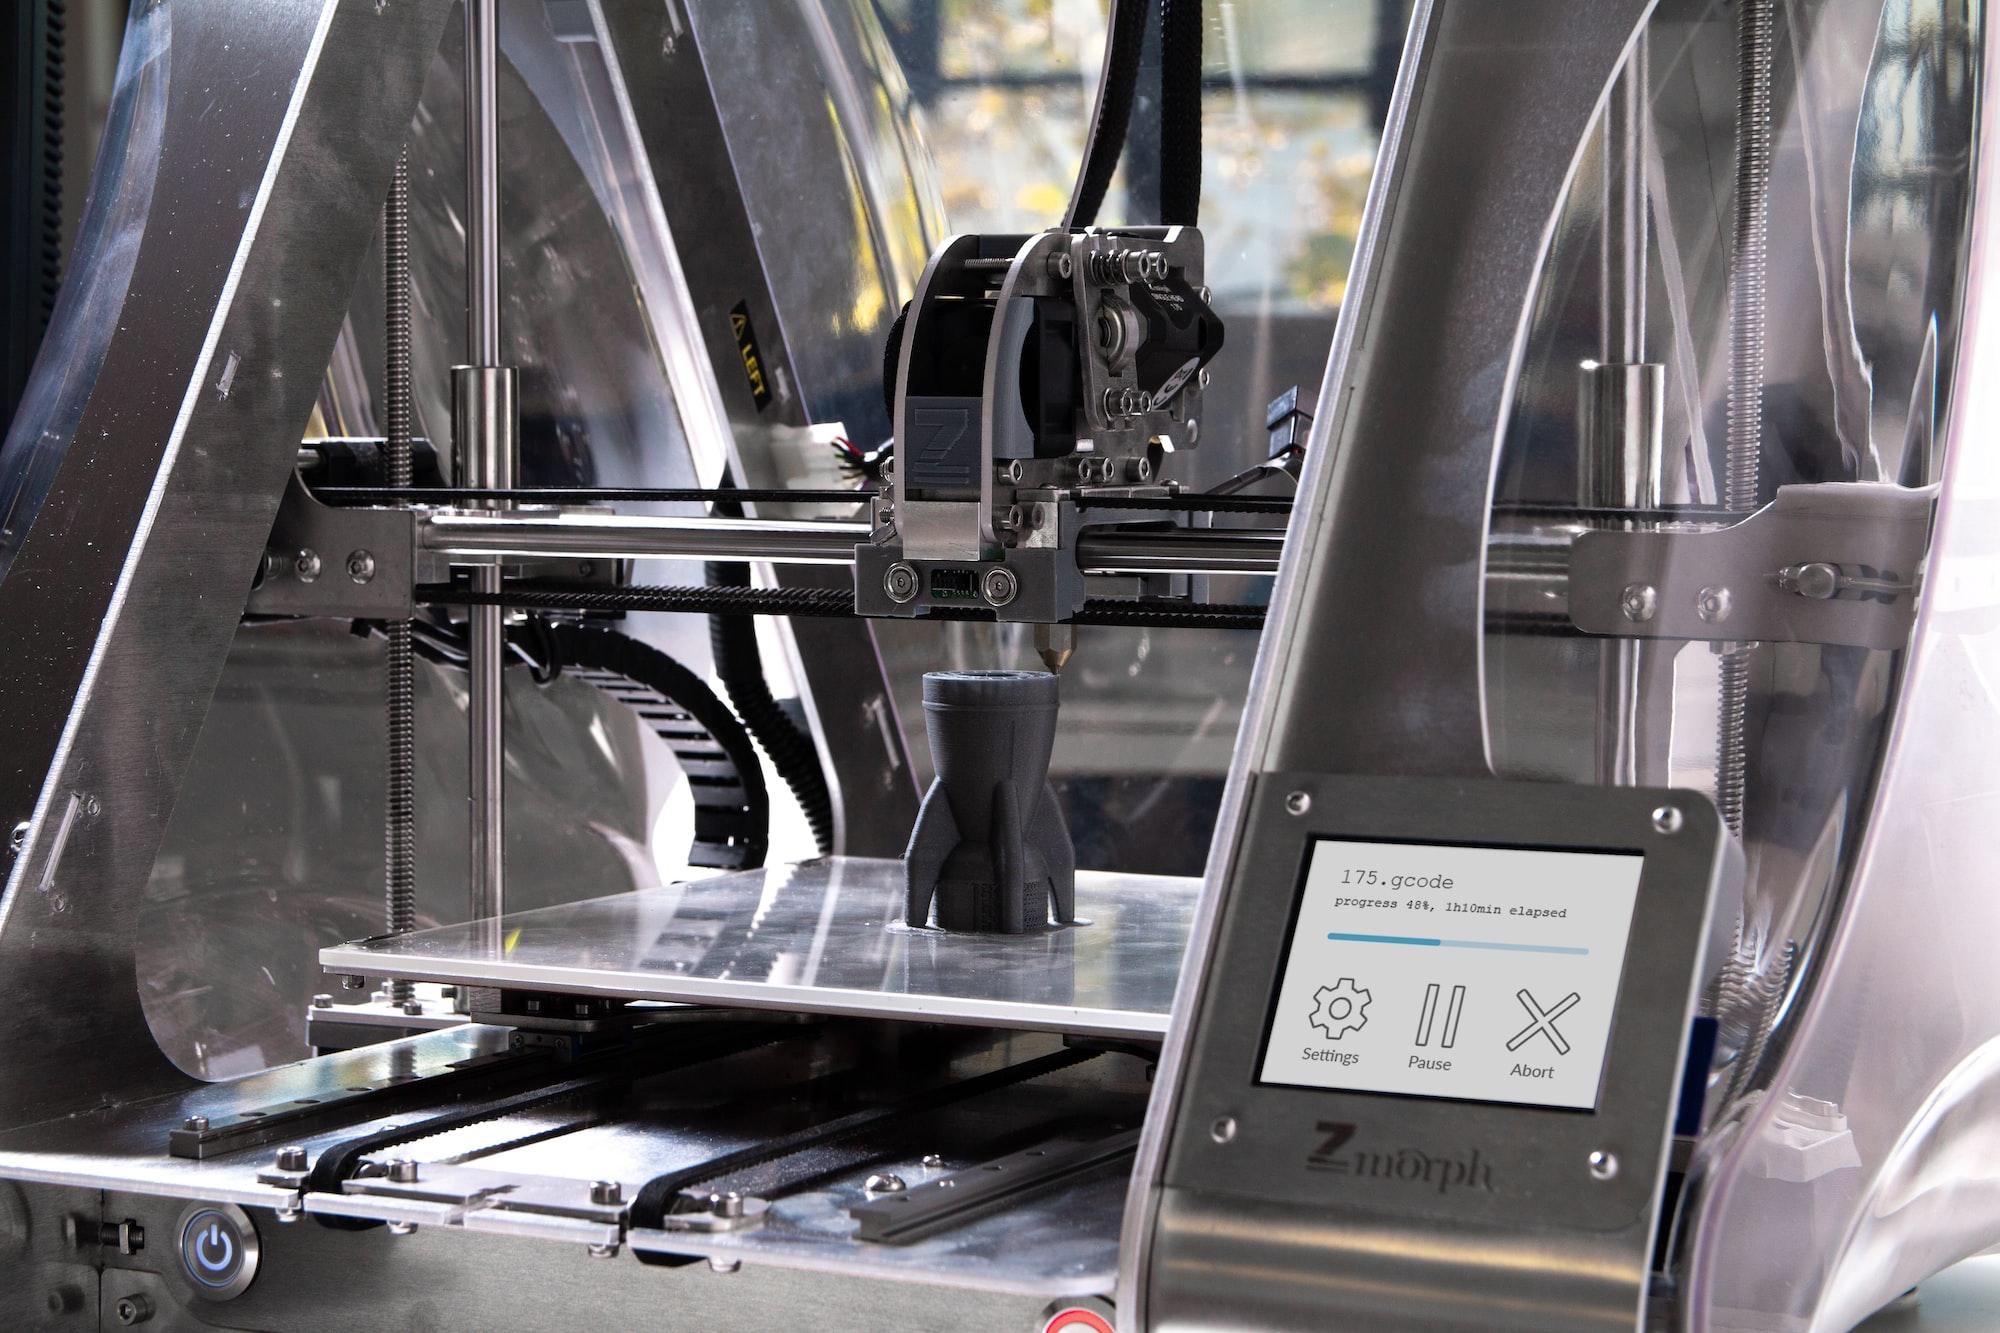 ZMorph VX Multitol 3D Printer